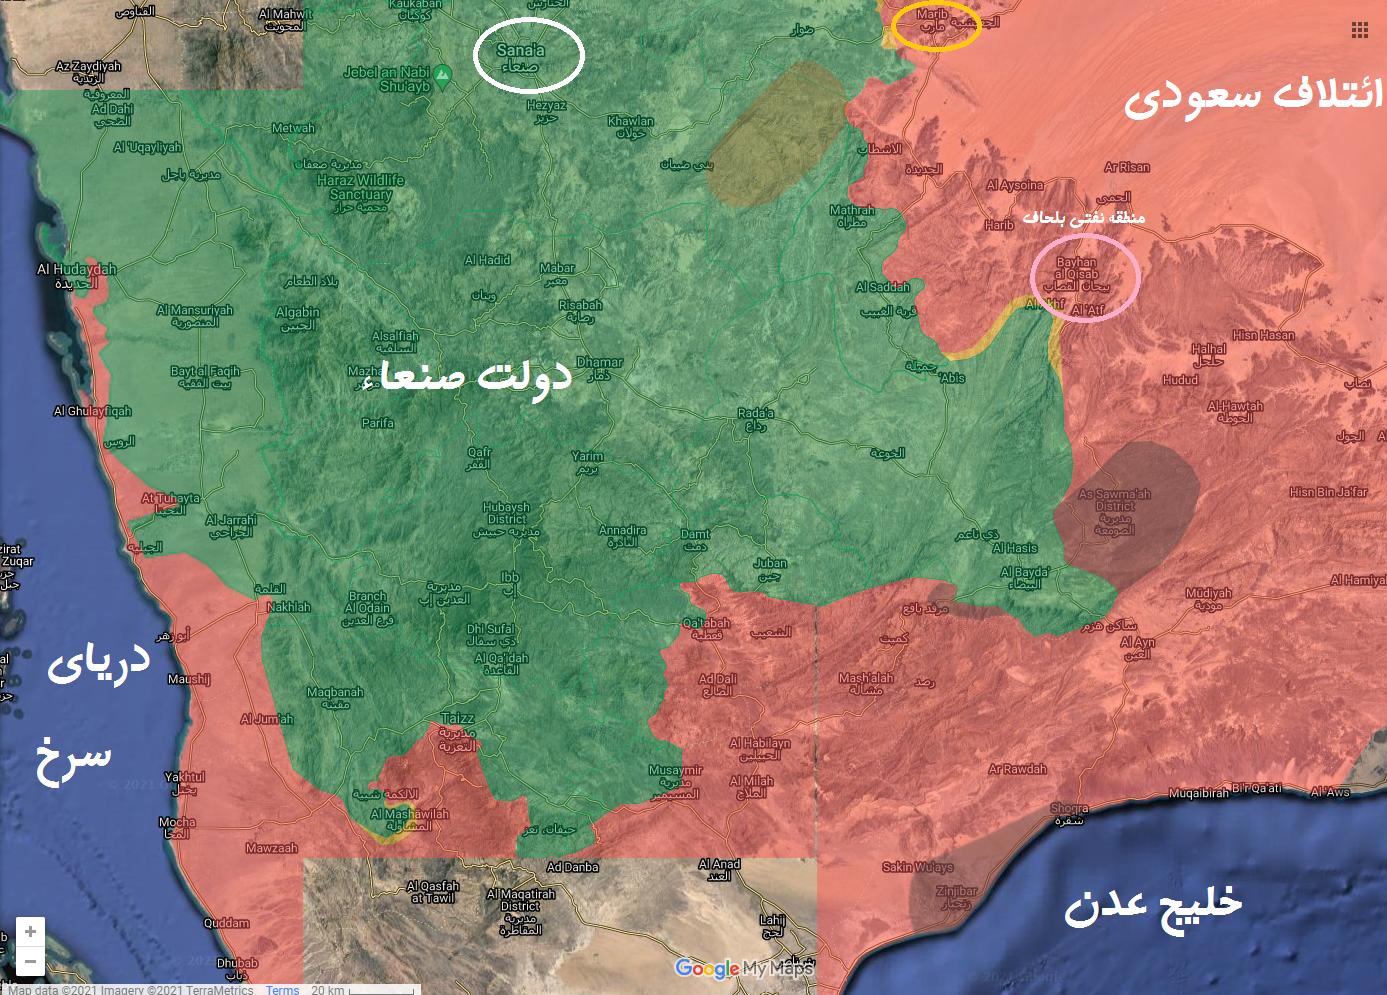 ارتش و کمیتههای مردمی یمن در یک قدمی چاههای نفتی استان شبوه